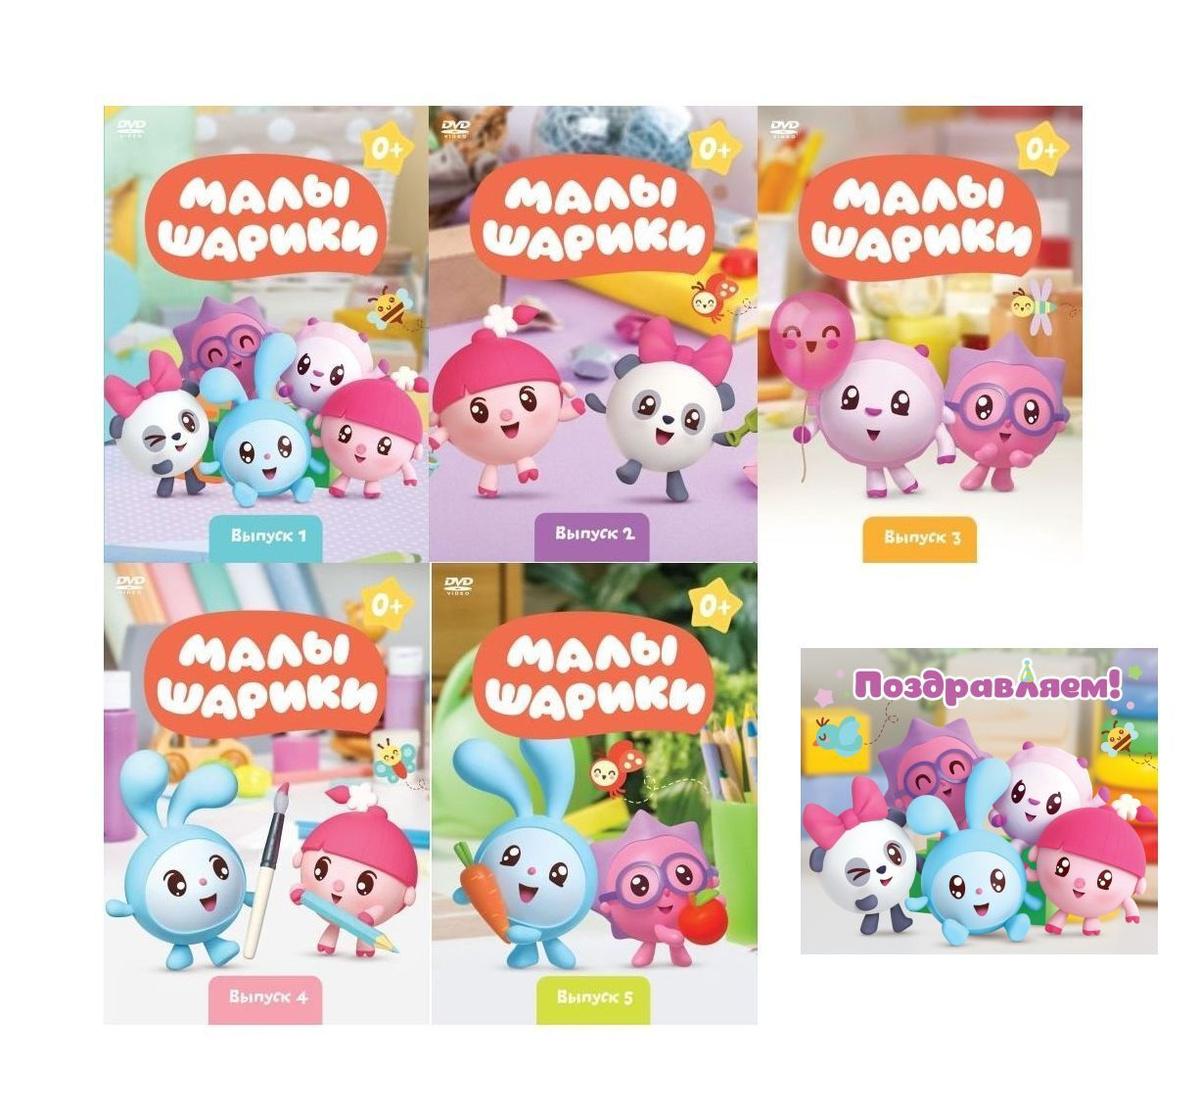 Малышарики (м/ф). 5 выпусков (DVD-box) 5 DVD + открытка № 1 #1